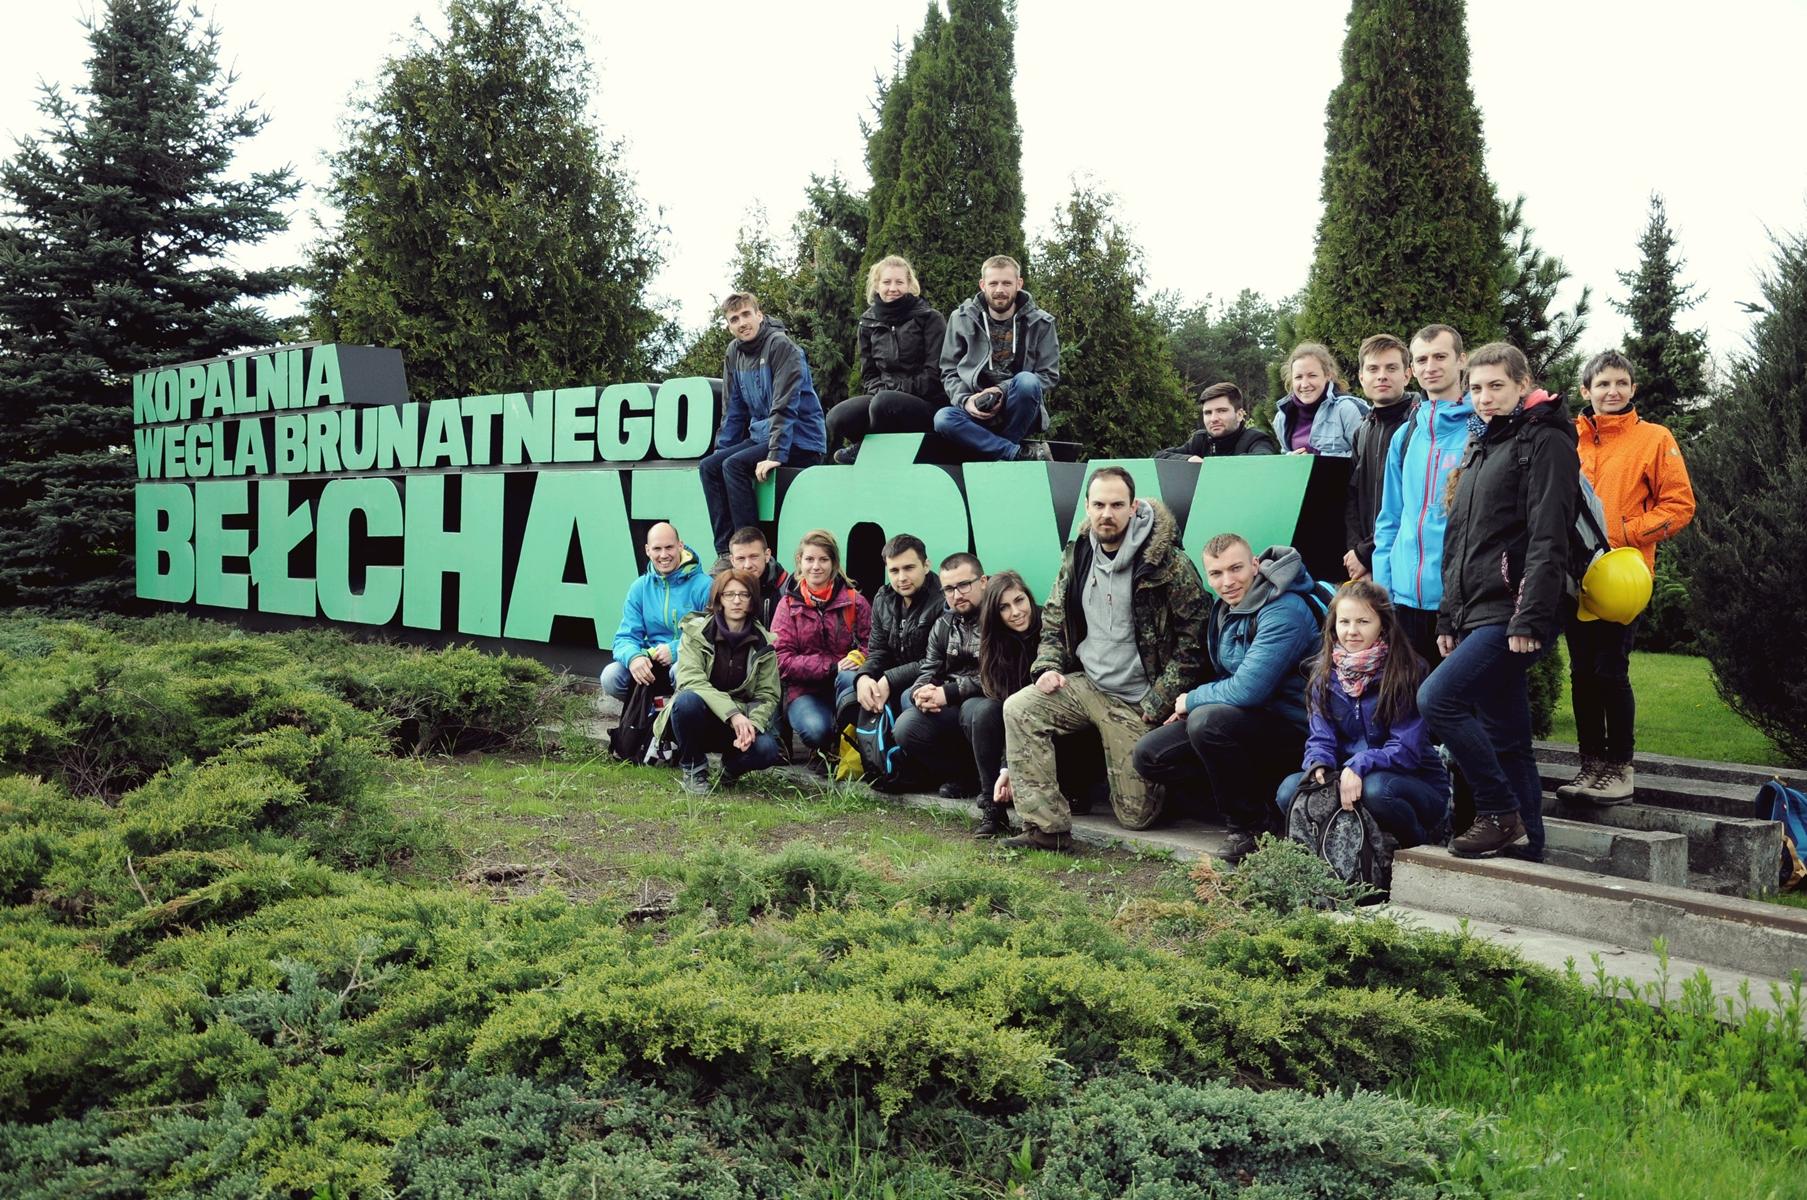 Geoturystyczne klimaty Kopalni Węgla Brunatnego w Bełchatowie